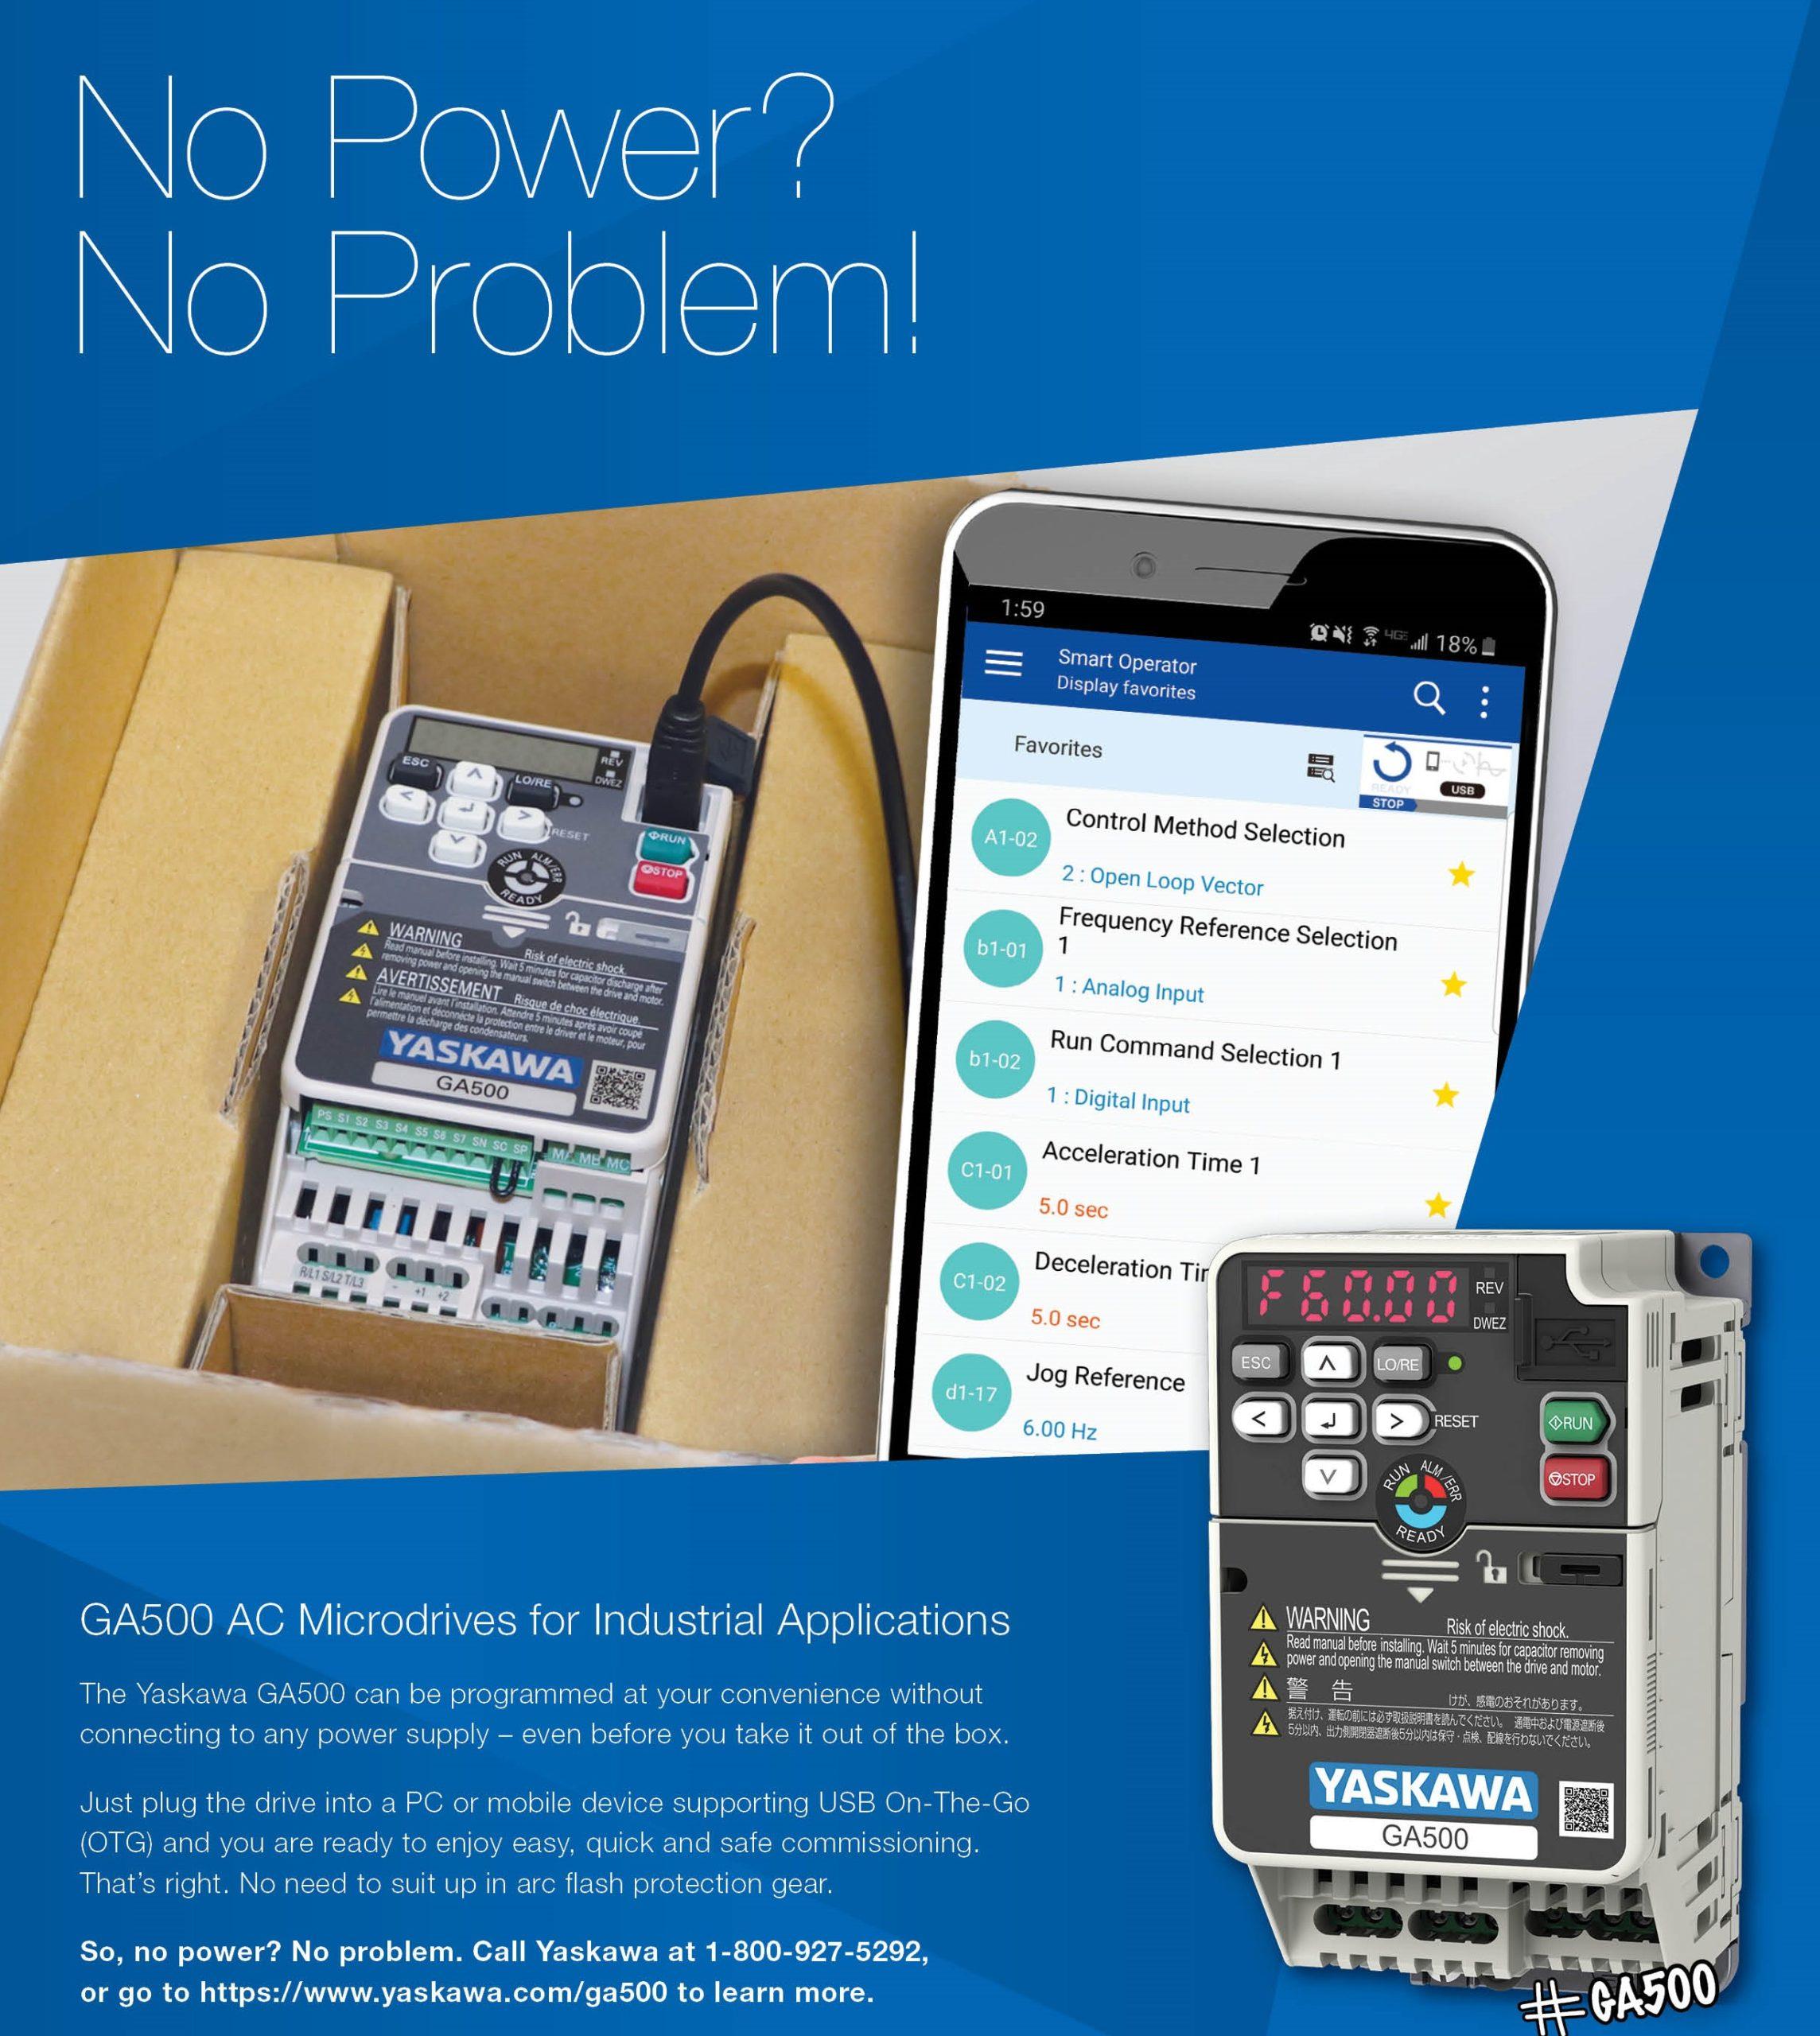 Yaskawa microdrive and smart phone